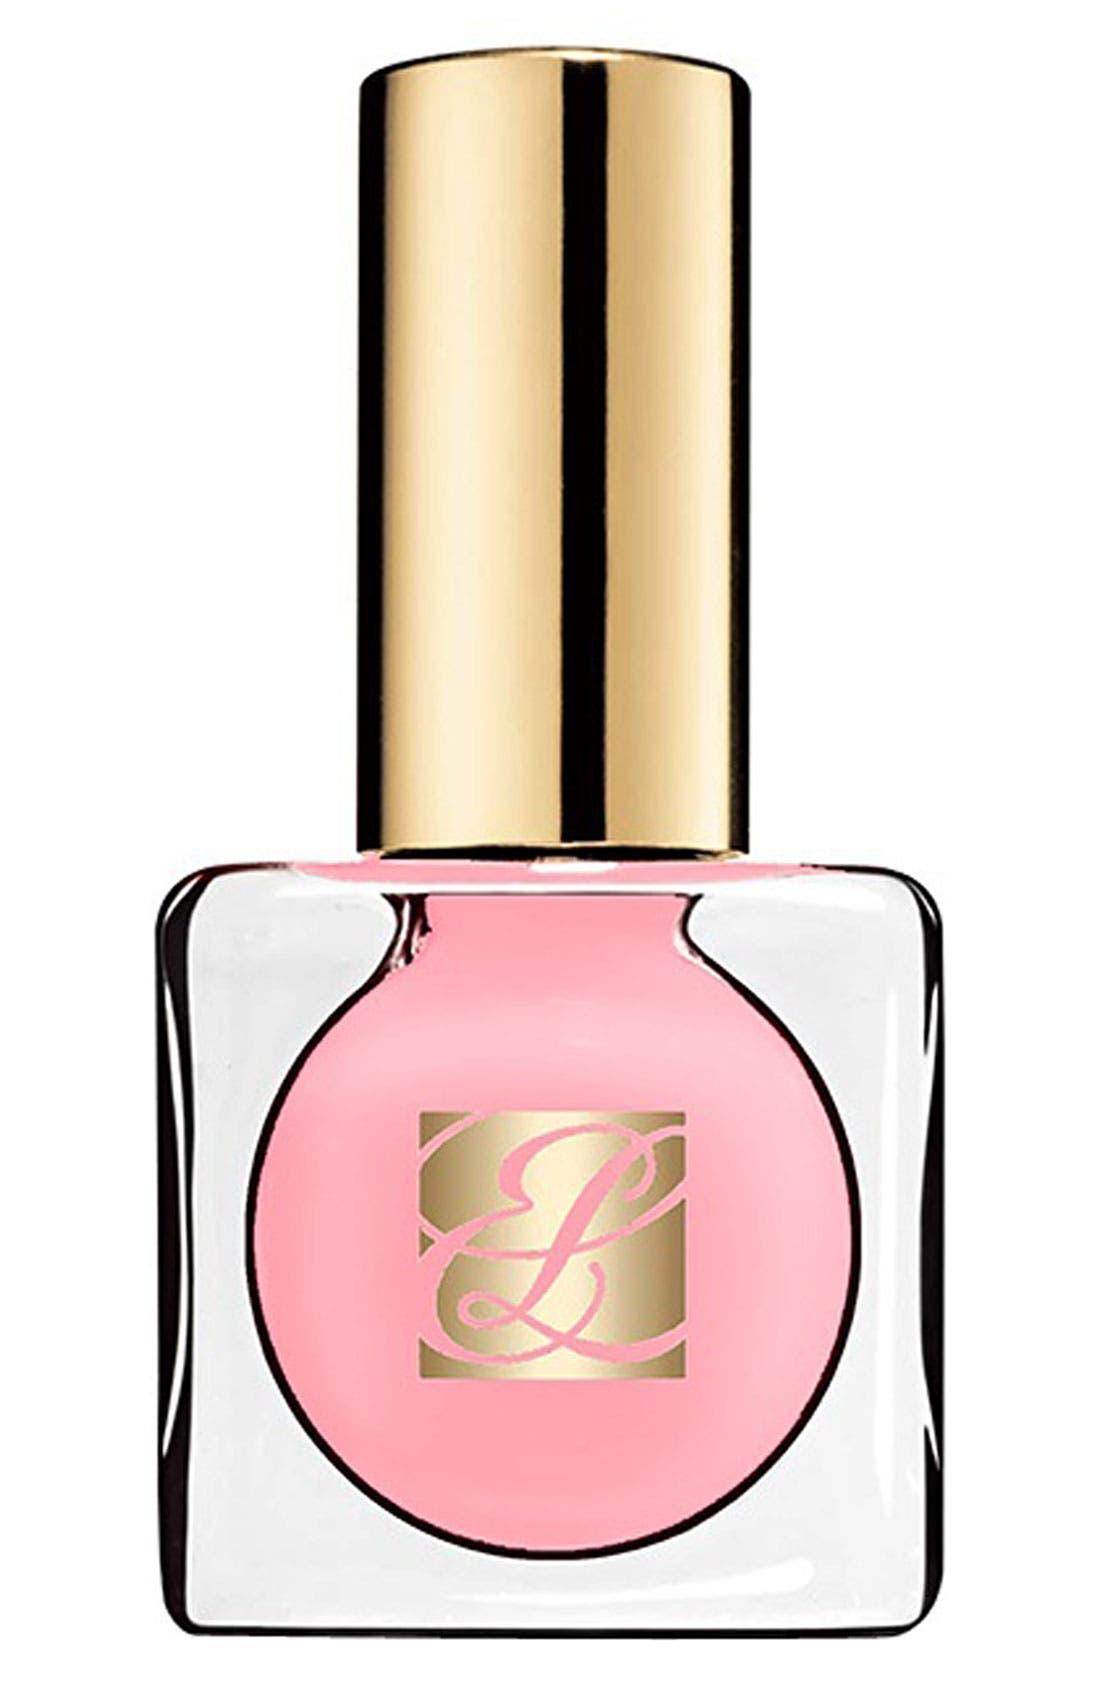 Estée Lauder Vivid Shine - Pure Color Long Lasting Nail Lacquer